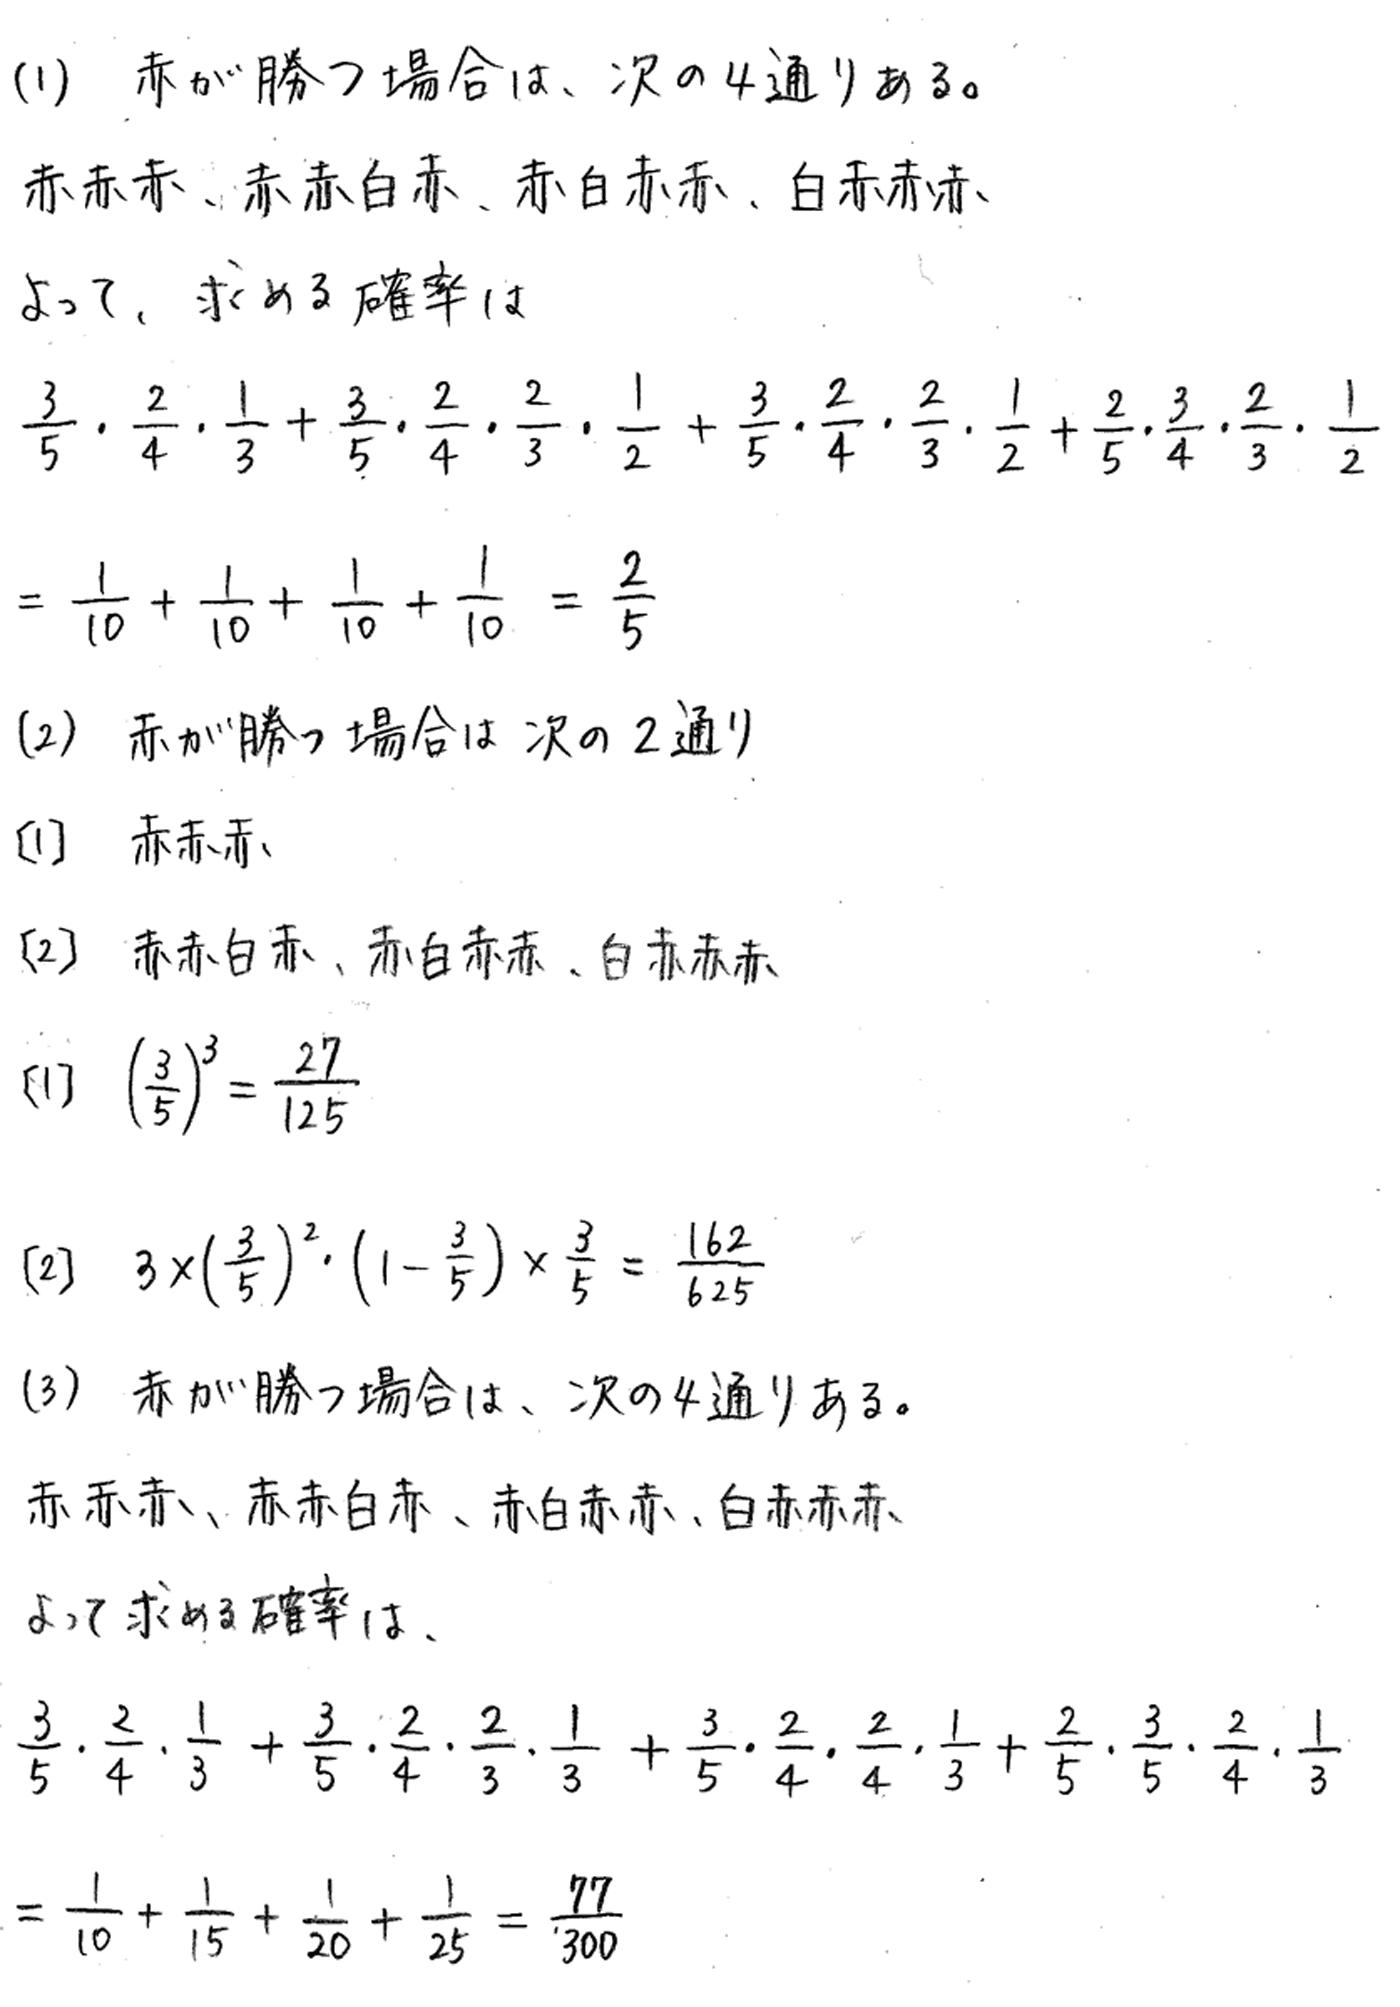 クリアー数学A-133解答